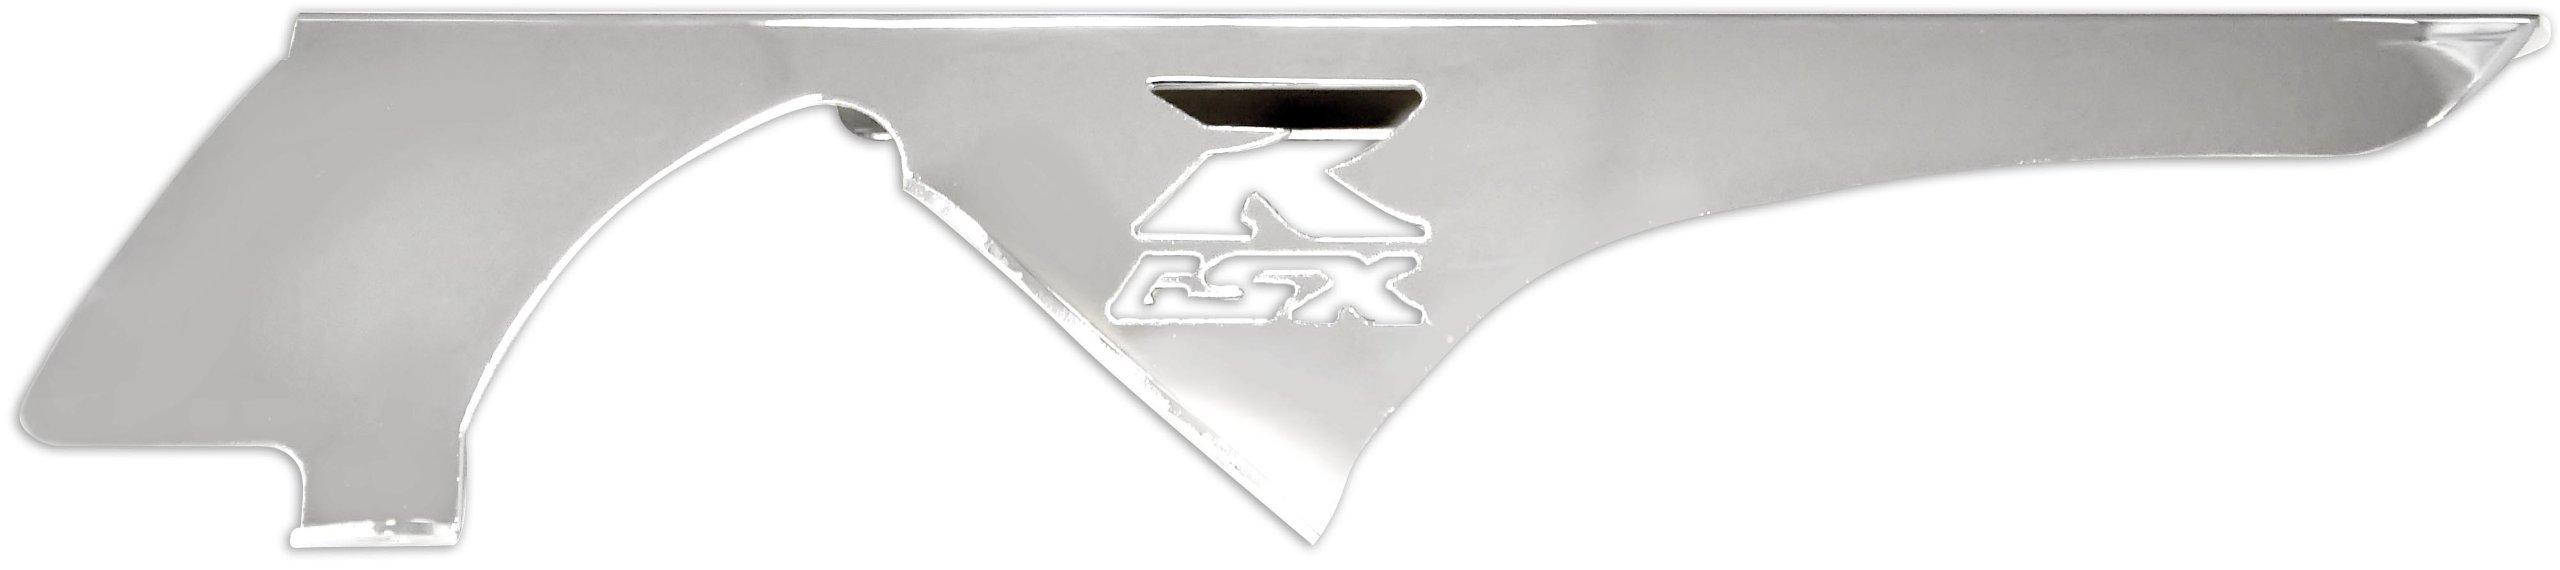 Yana Shiki CA2832 Chrome Chain Guard for Suzuki GSX-R 600/750/1000